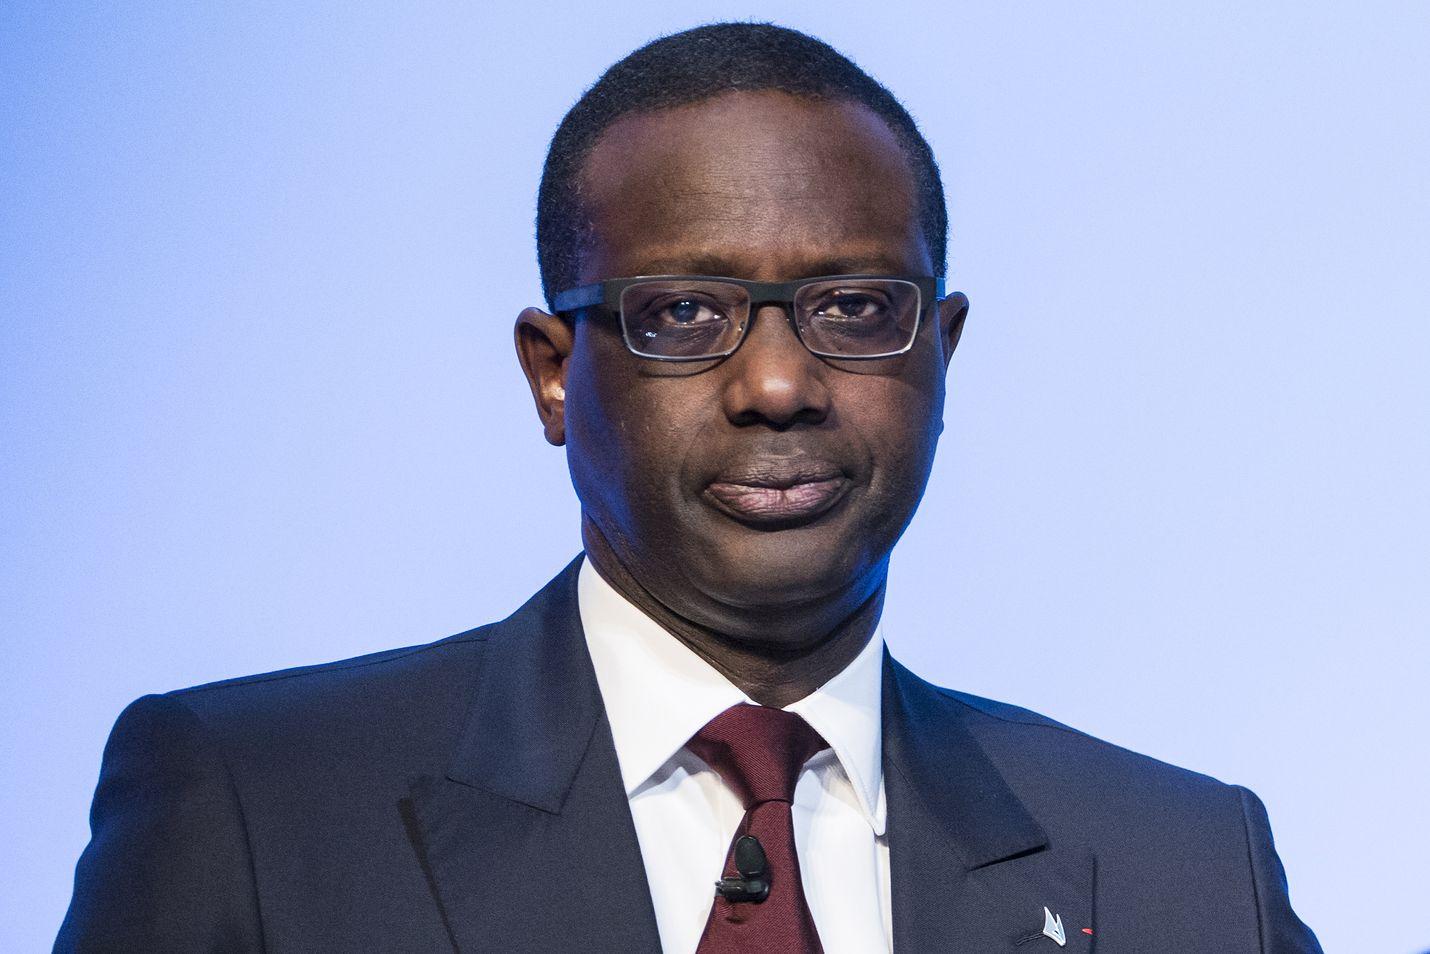 Sveitsin toiseksi suurimman pankin Credit Suissen pääjohtaja Tidjane Thiam joutui eroamaan vakoilun takia.